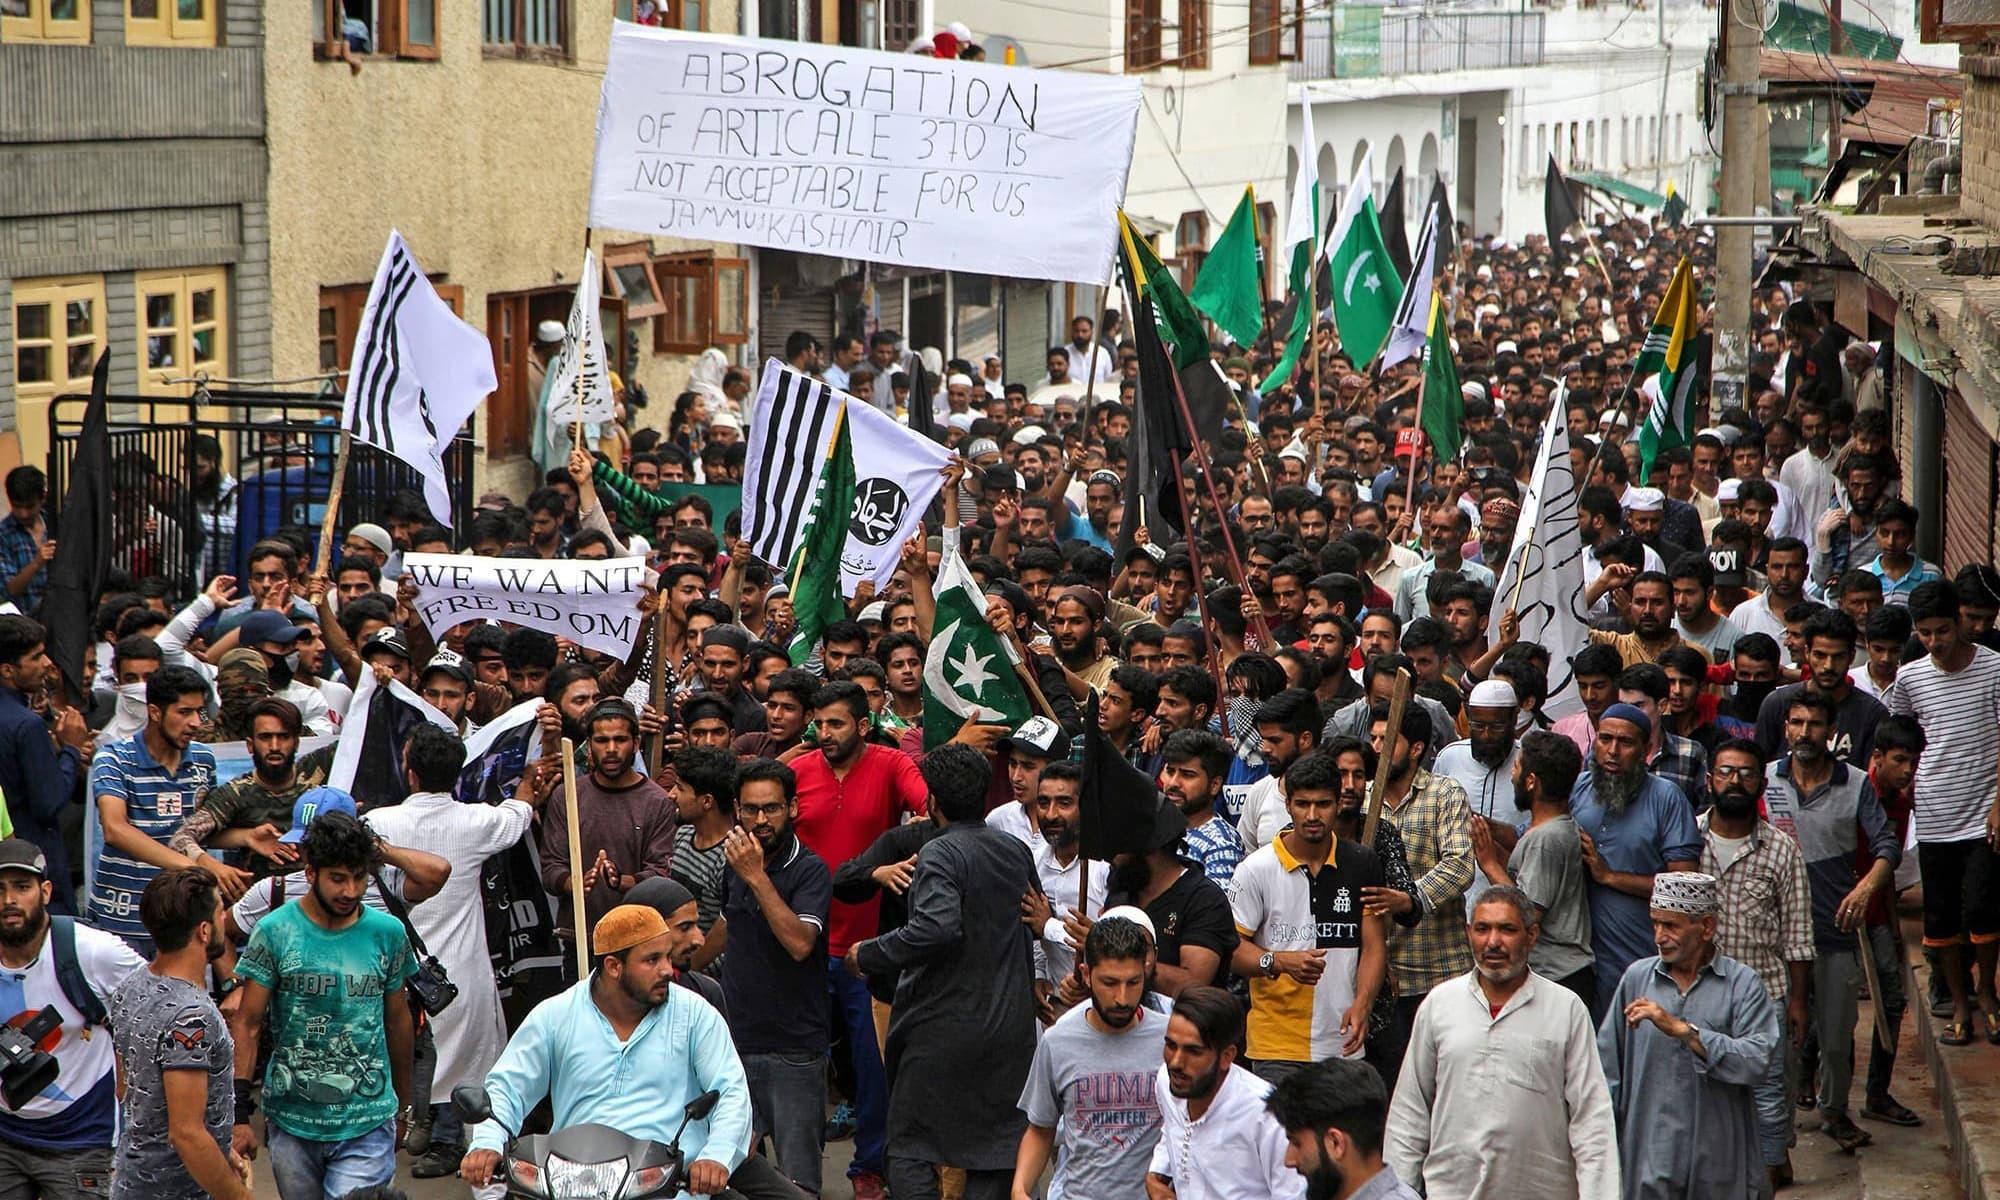 لائن آف کنٹرول کے دونوں جانب یوم استحصال منایا گیامقبوضہ کشمیر میں مکمل ہڑتال